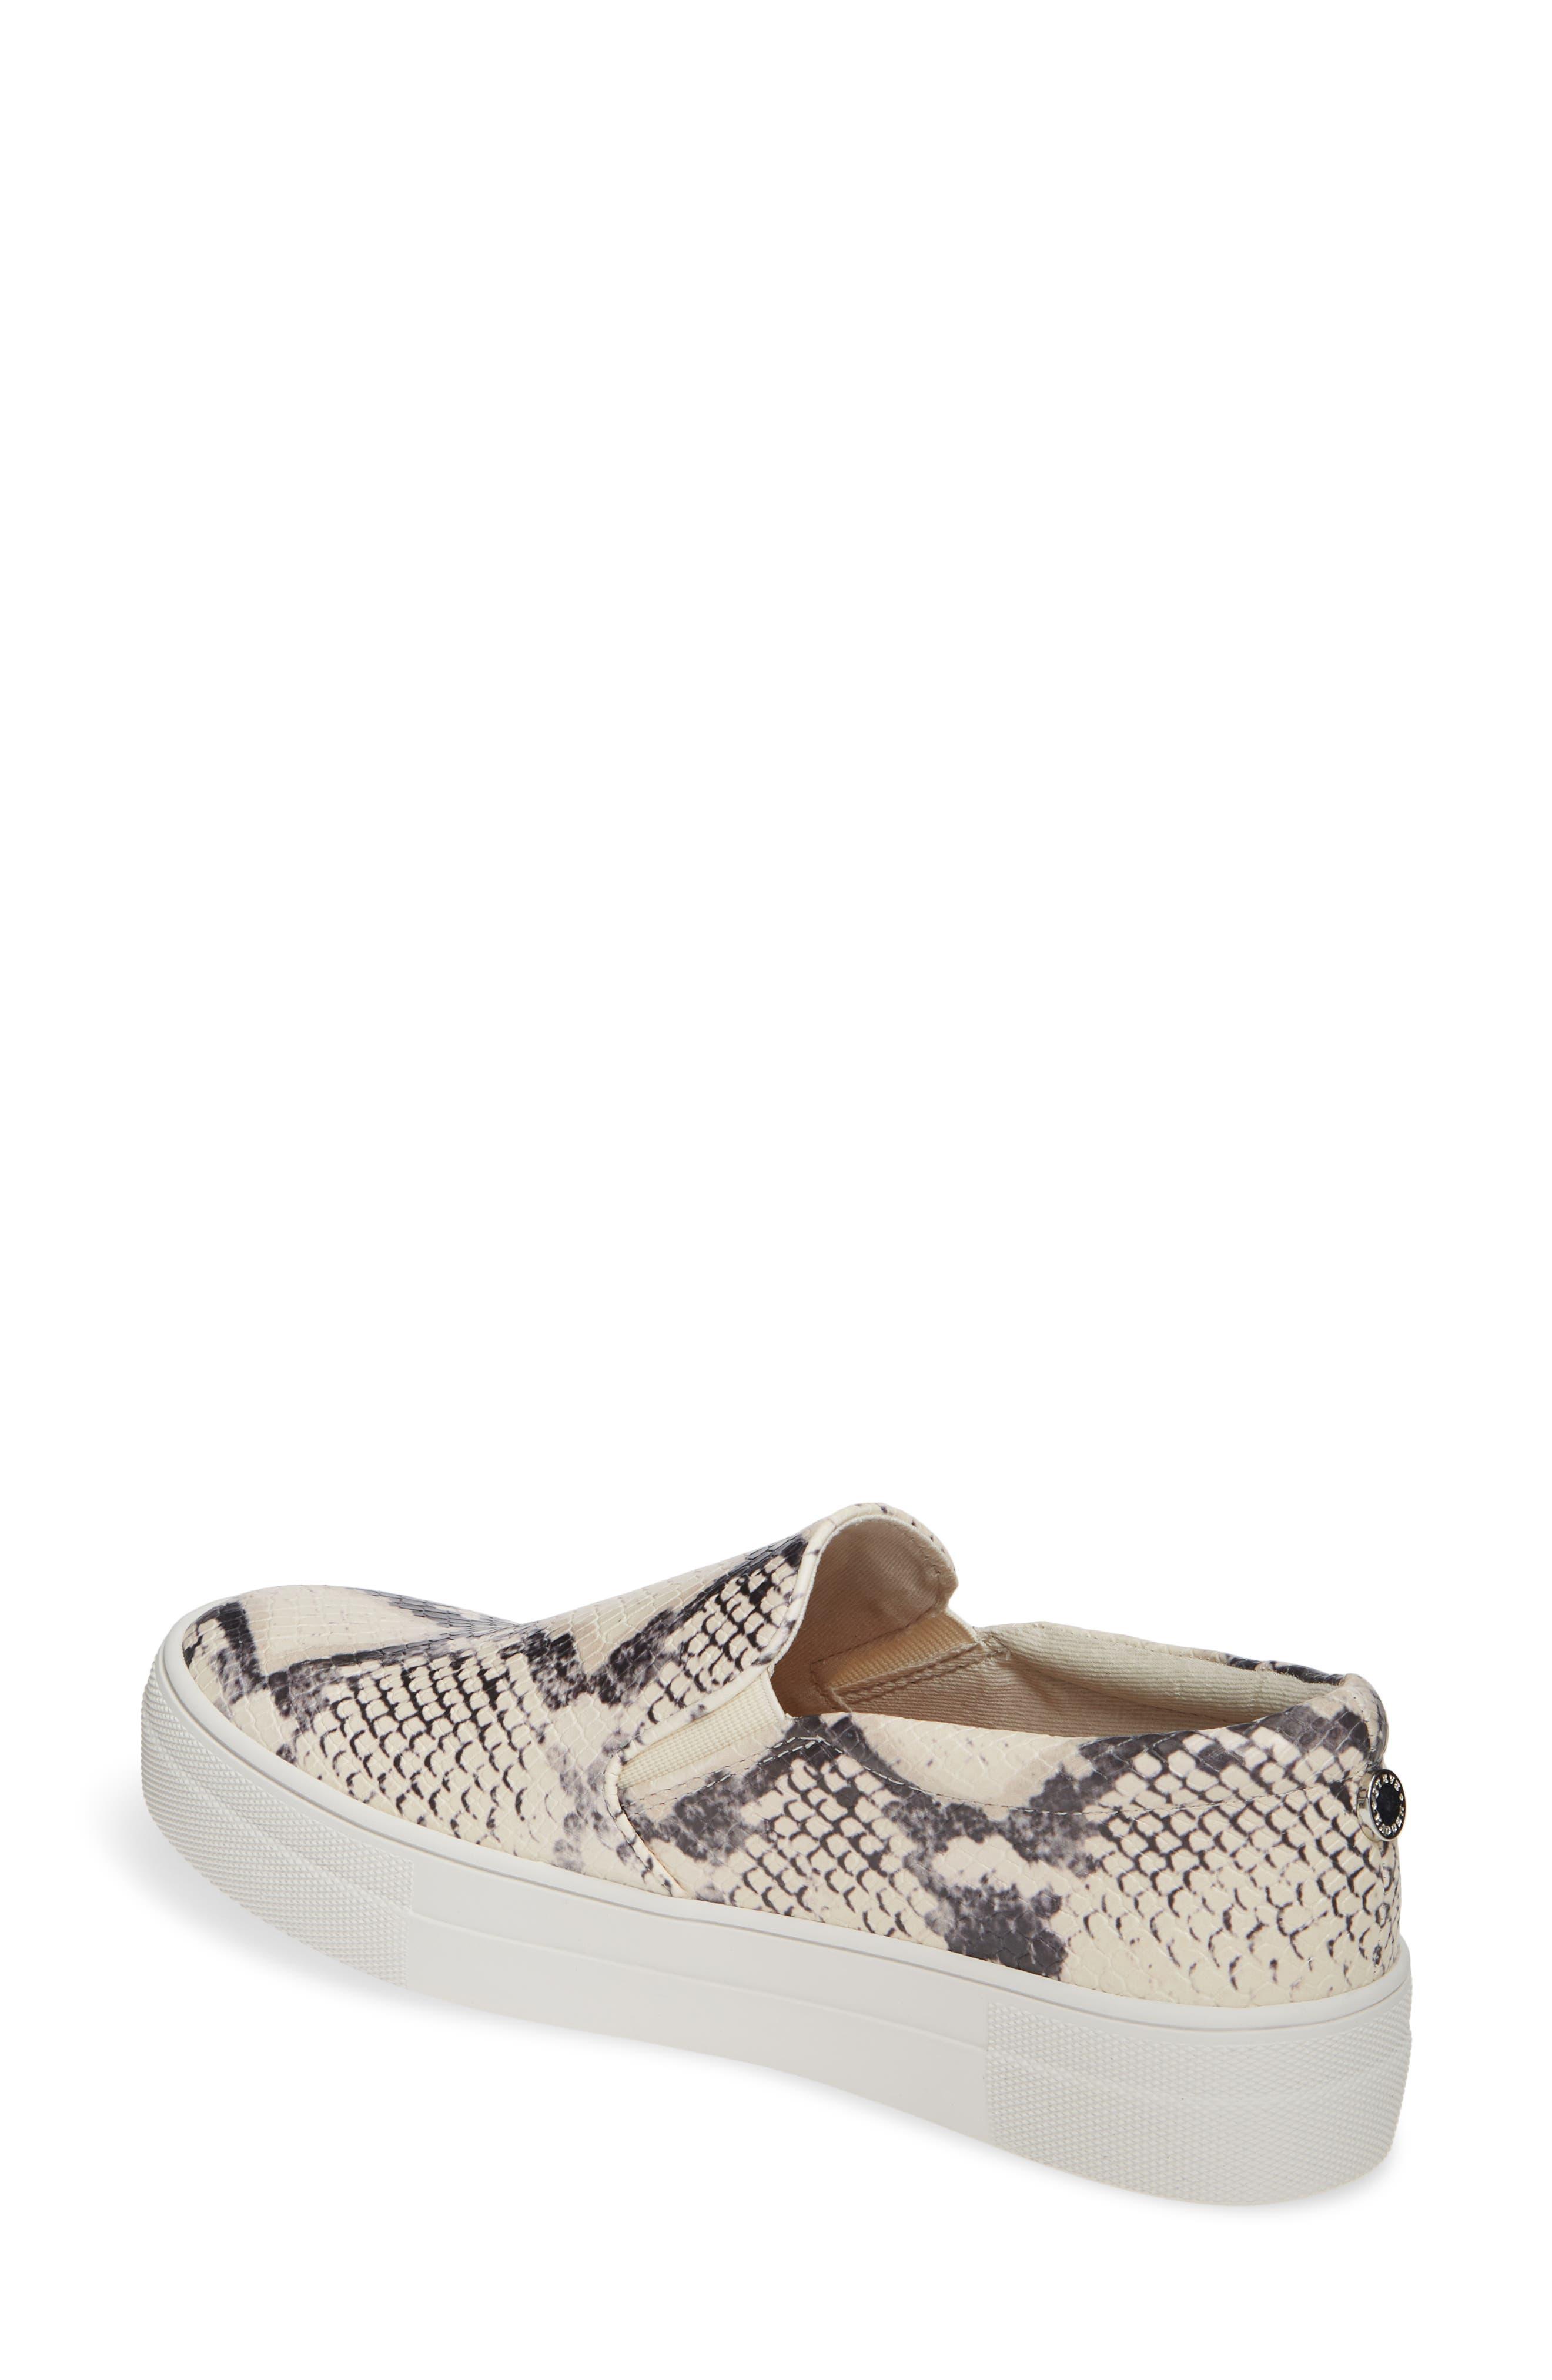 STEVE MADDEN, Gills Platform Slip-On Sneaker, Alternate thumbnail 2, color, BEIGE SNAKE PRINT